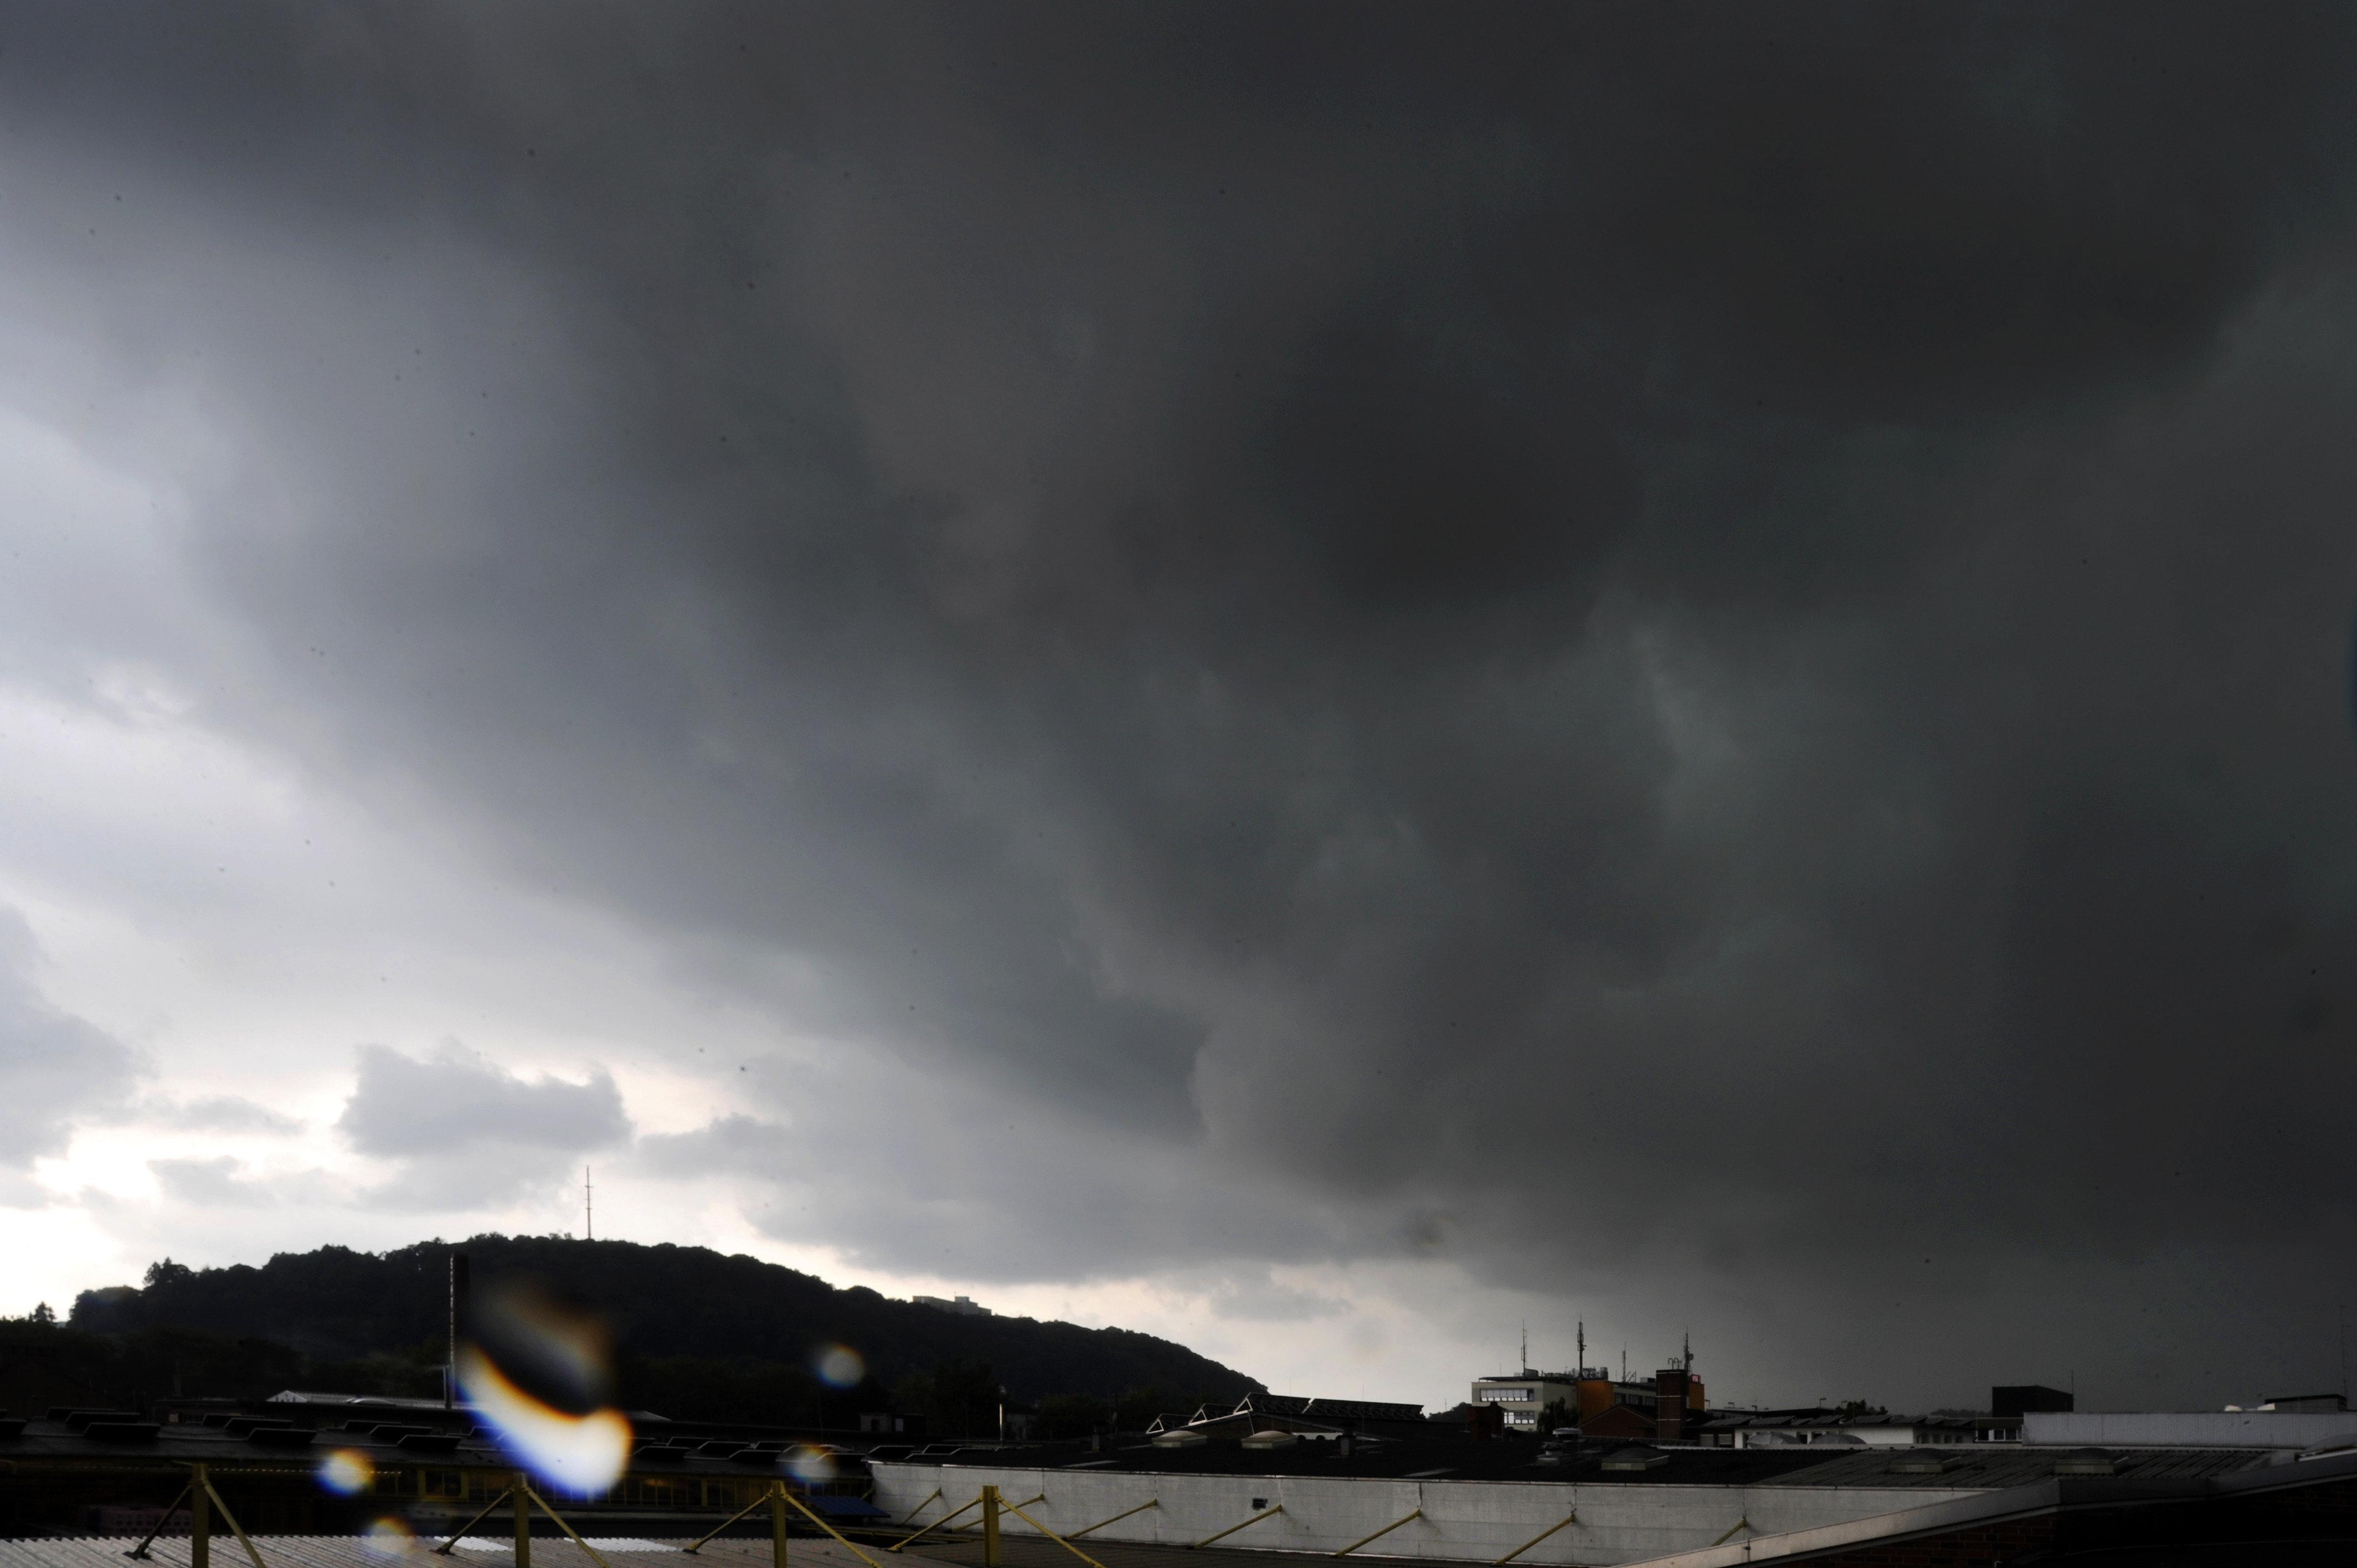 Nach brutaler Hitze: Hier drohen jetzt Unwetter mit Sturm, Hagel und